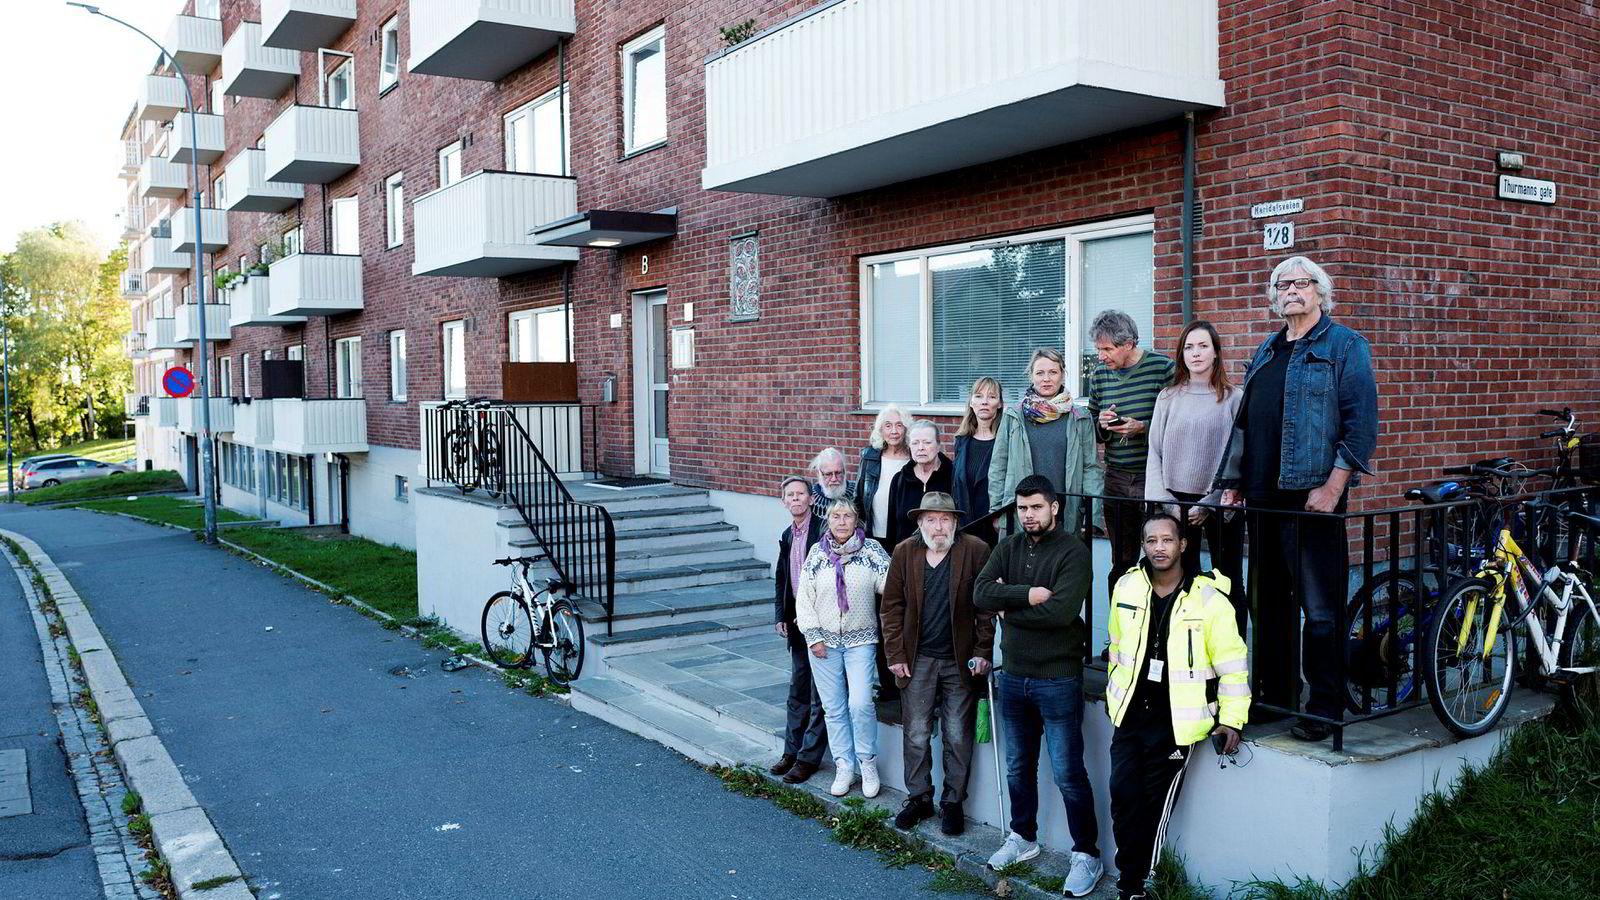 Da Ivar Tollefsen kjøpte Maridalsveien 128 på Sagene, mobiliserte beboerne alt de hadde for å kjøpe leilighetene sine på forkjøp.